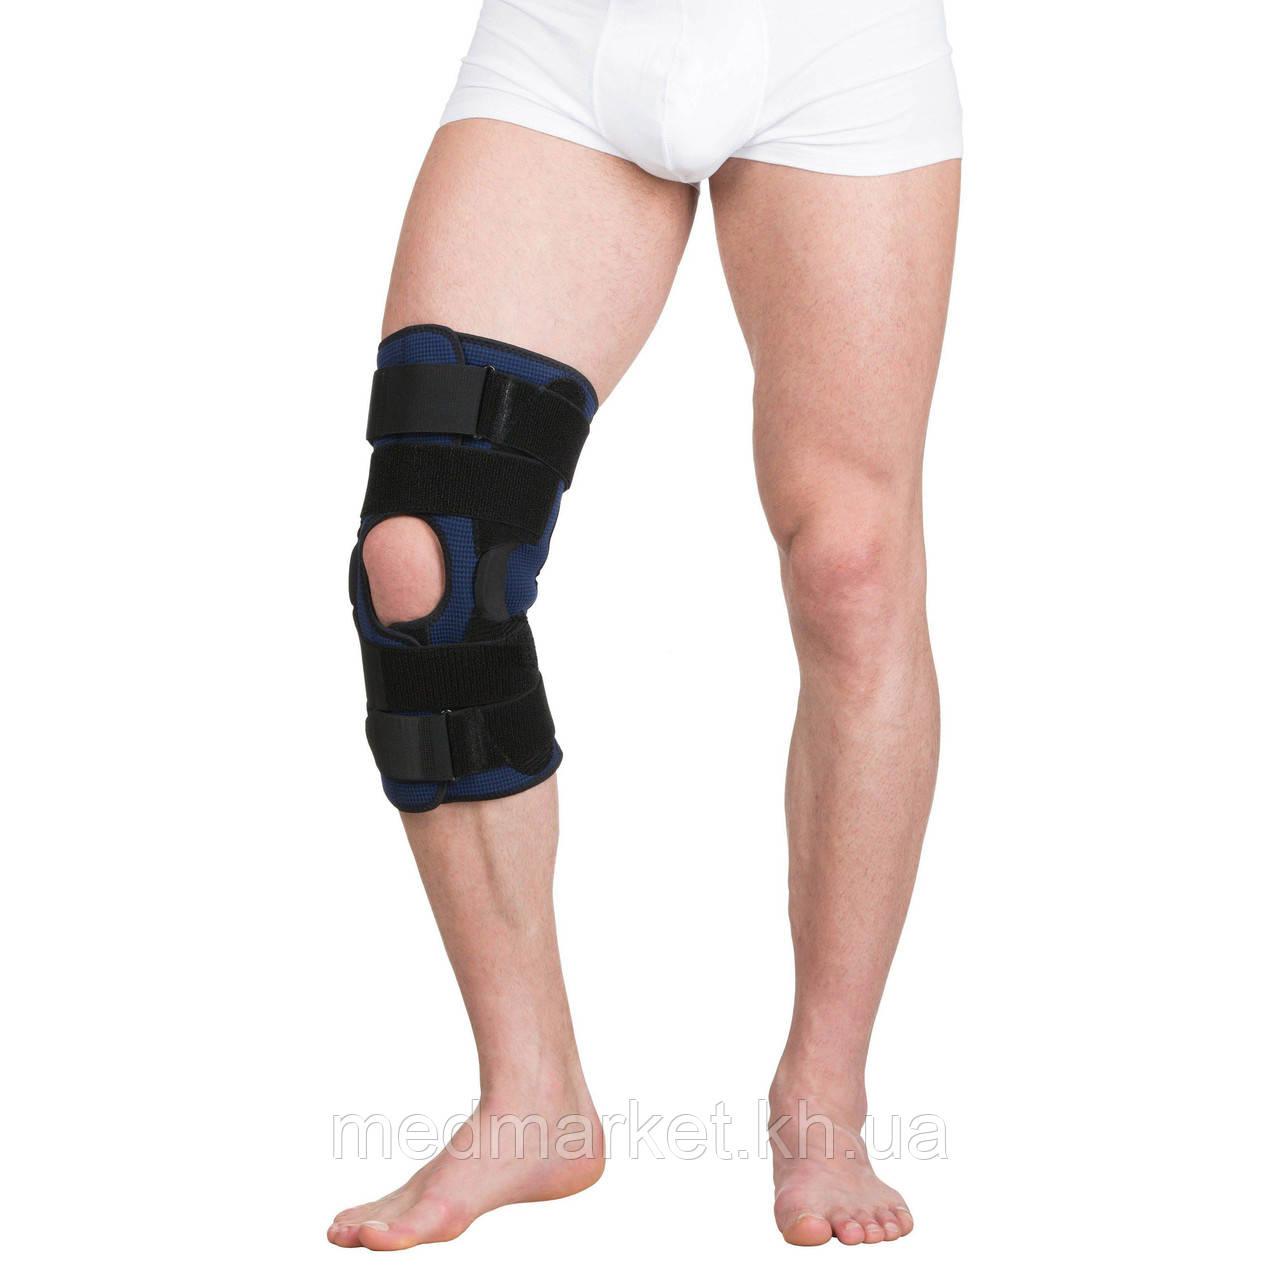 Шарнирные соединения для коленного сустава протезрование сустава шейки бедра саратов